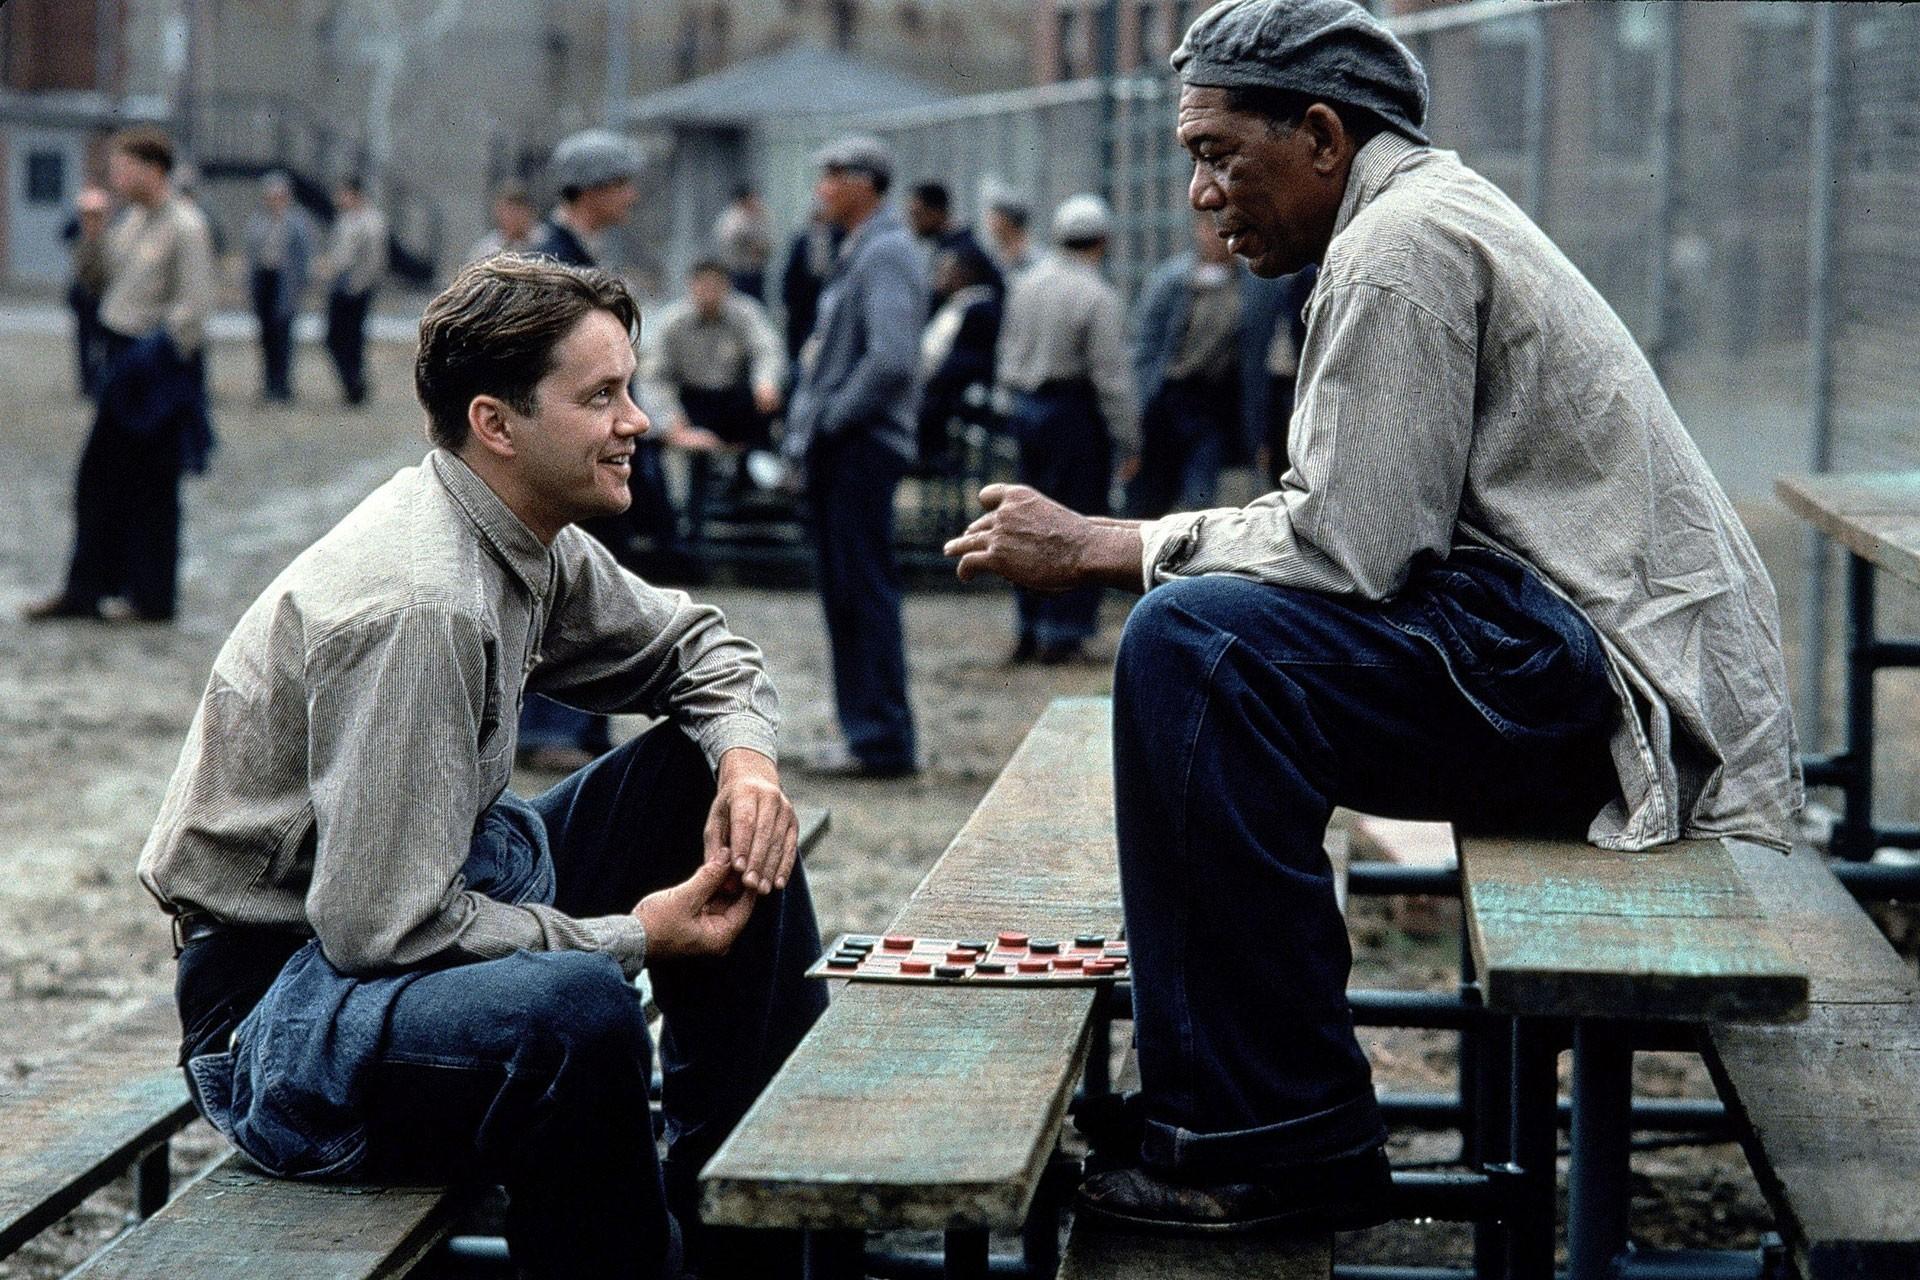 'Esaretin Bedeli'nin yönetmeni Frank Darabont: IMDb sıralamasına şaşırdım